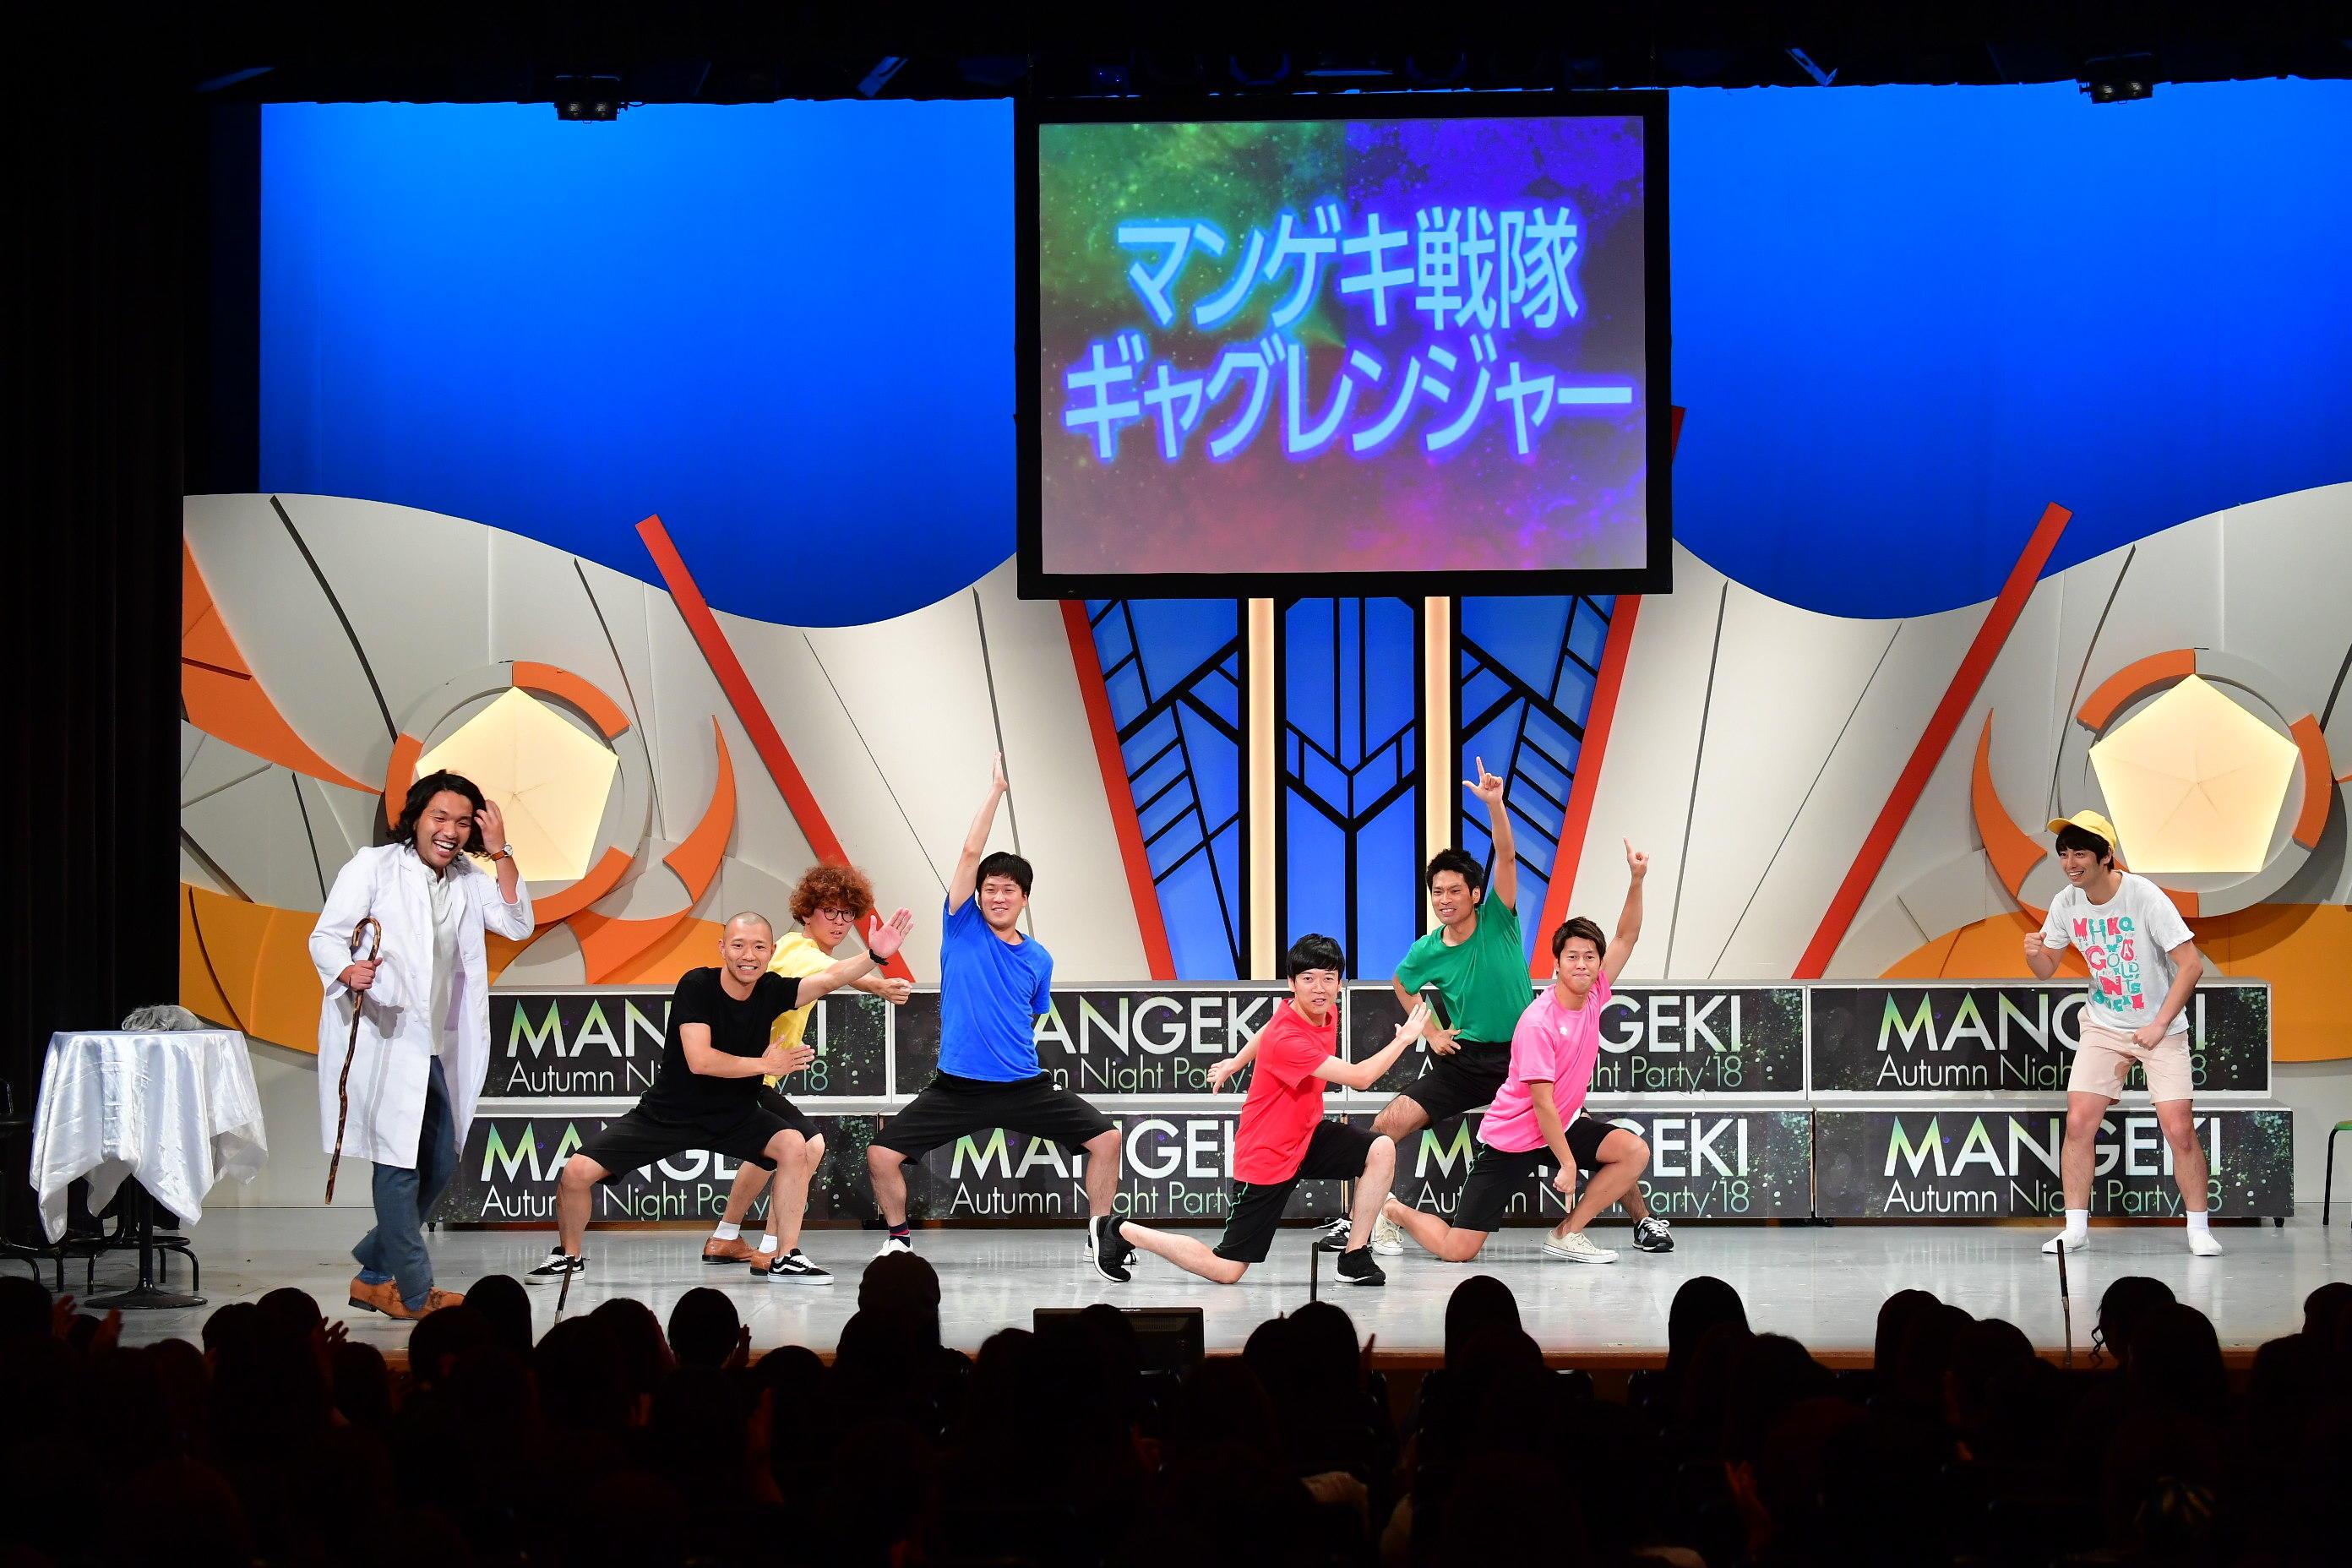 http://news.yoshimoto.co.jp/20180925141730-5e6f06910fe2559bf507f5f07a740680b259f62e.jpg